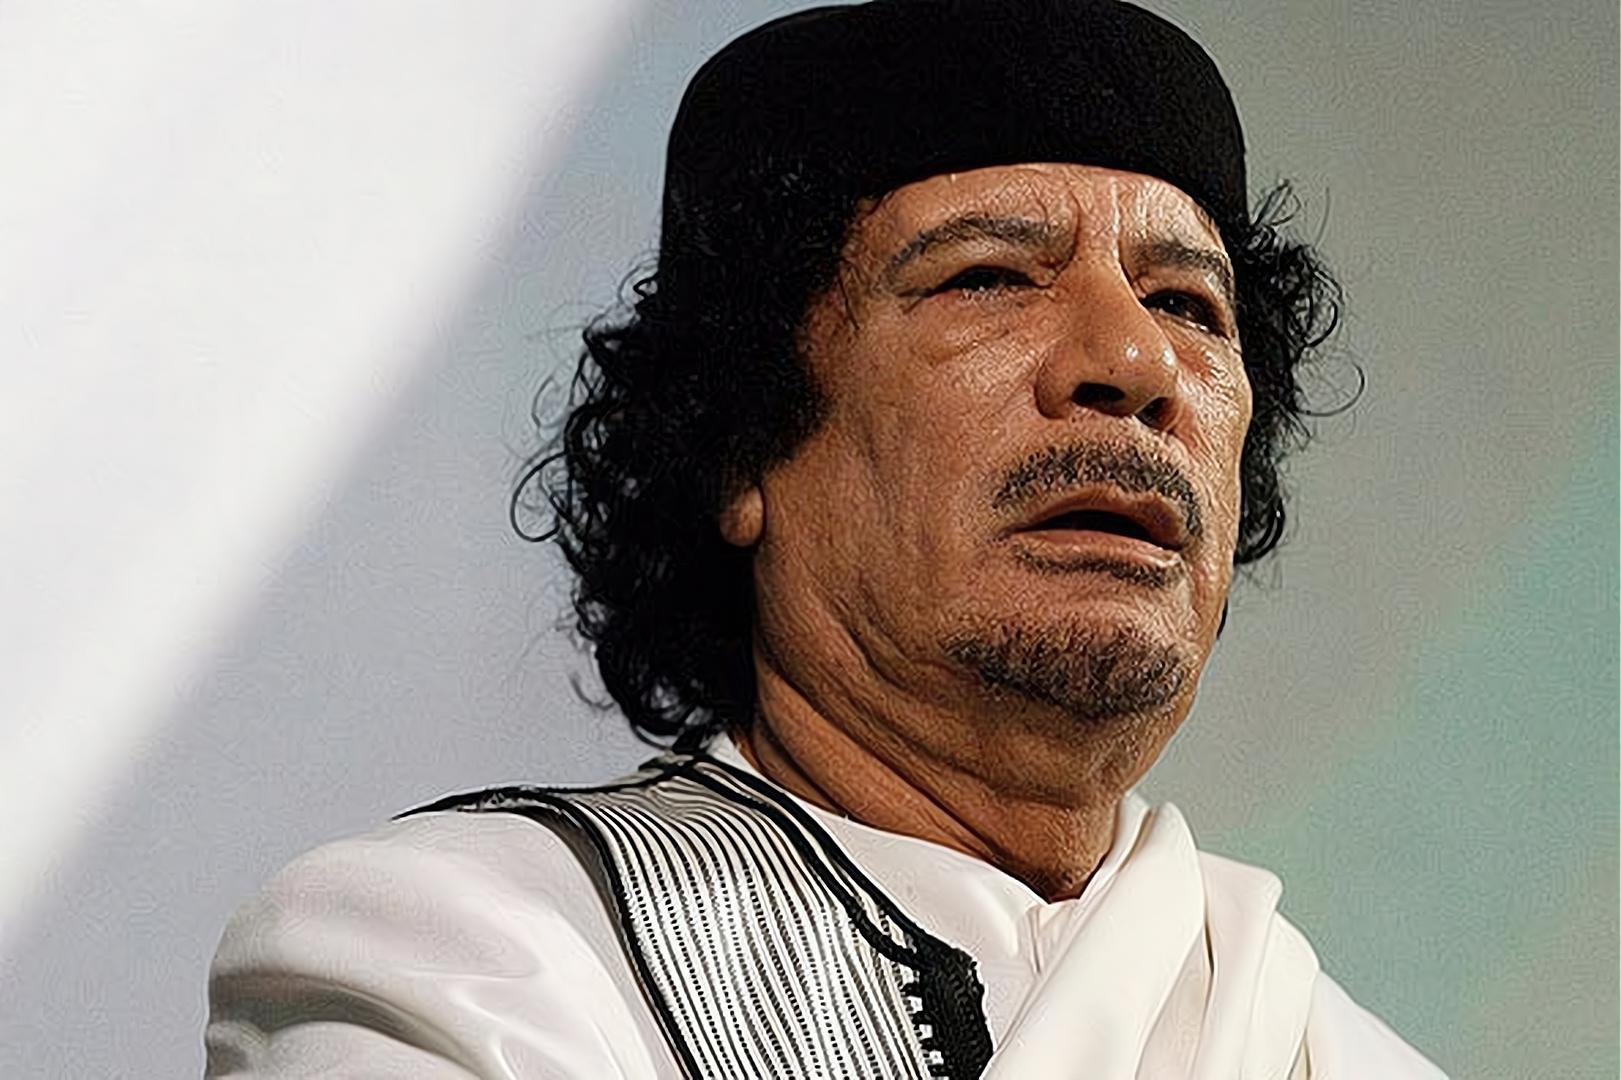 卡扎菲一生反美,萨达姆一被俘,为何又变脸谄媚美国?